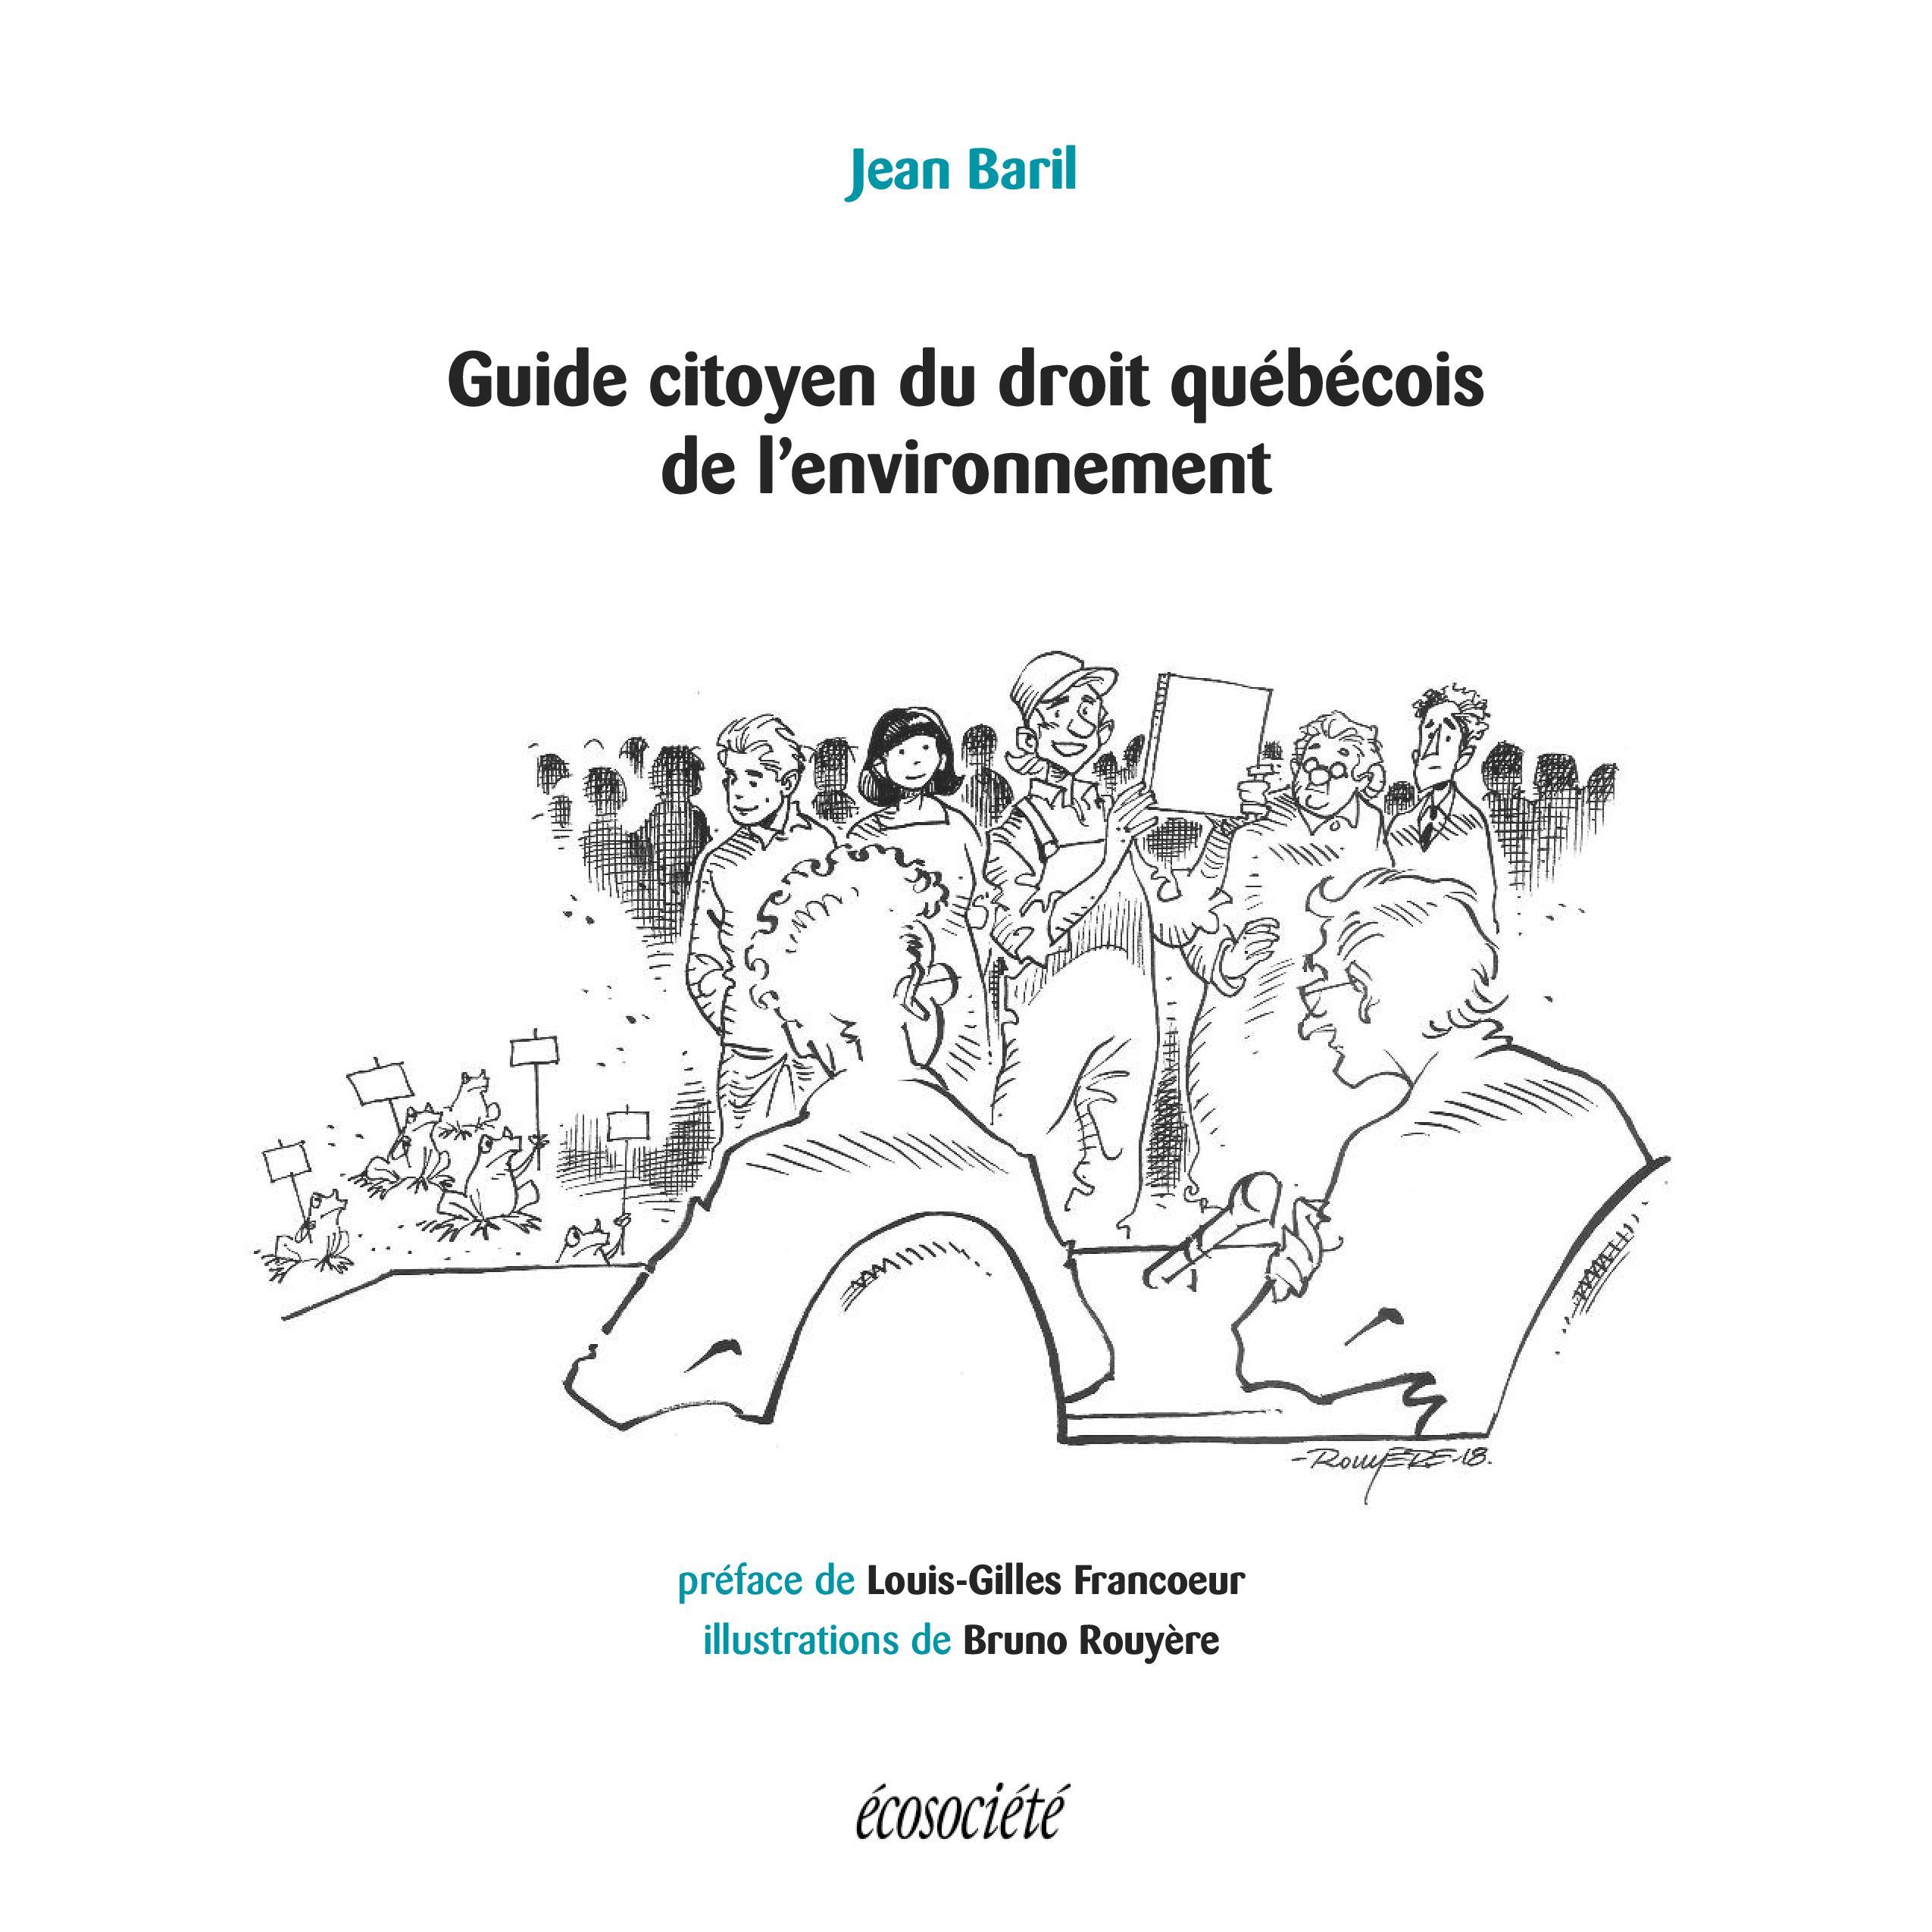 Guide citoyen du droit québécois de l'environnement